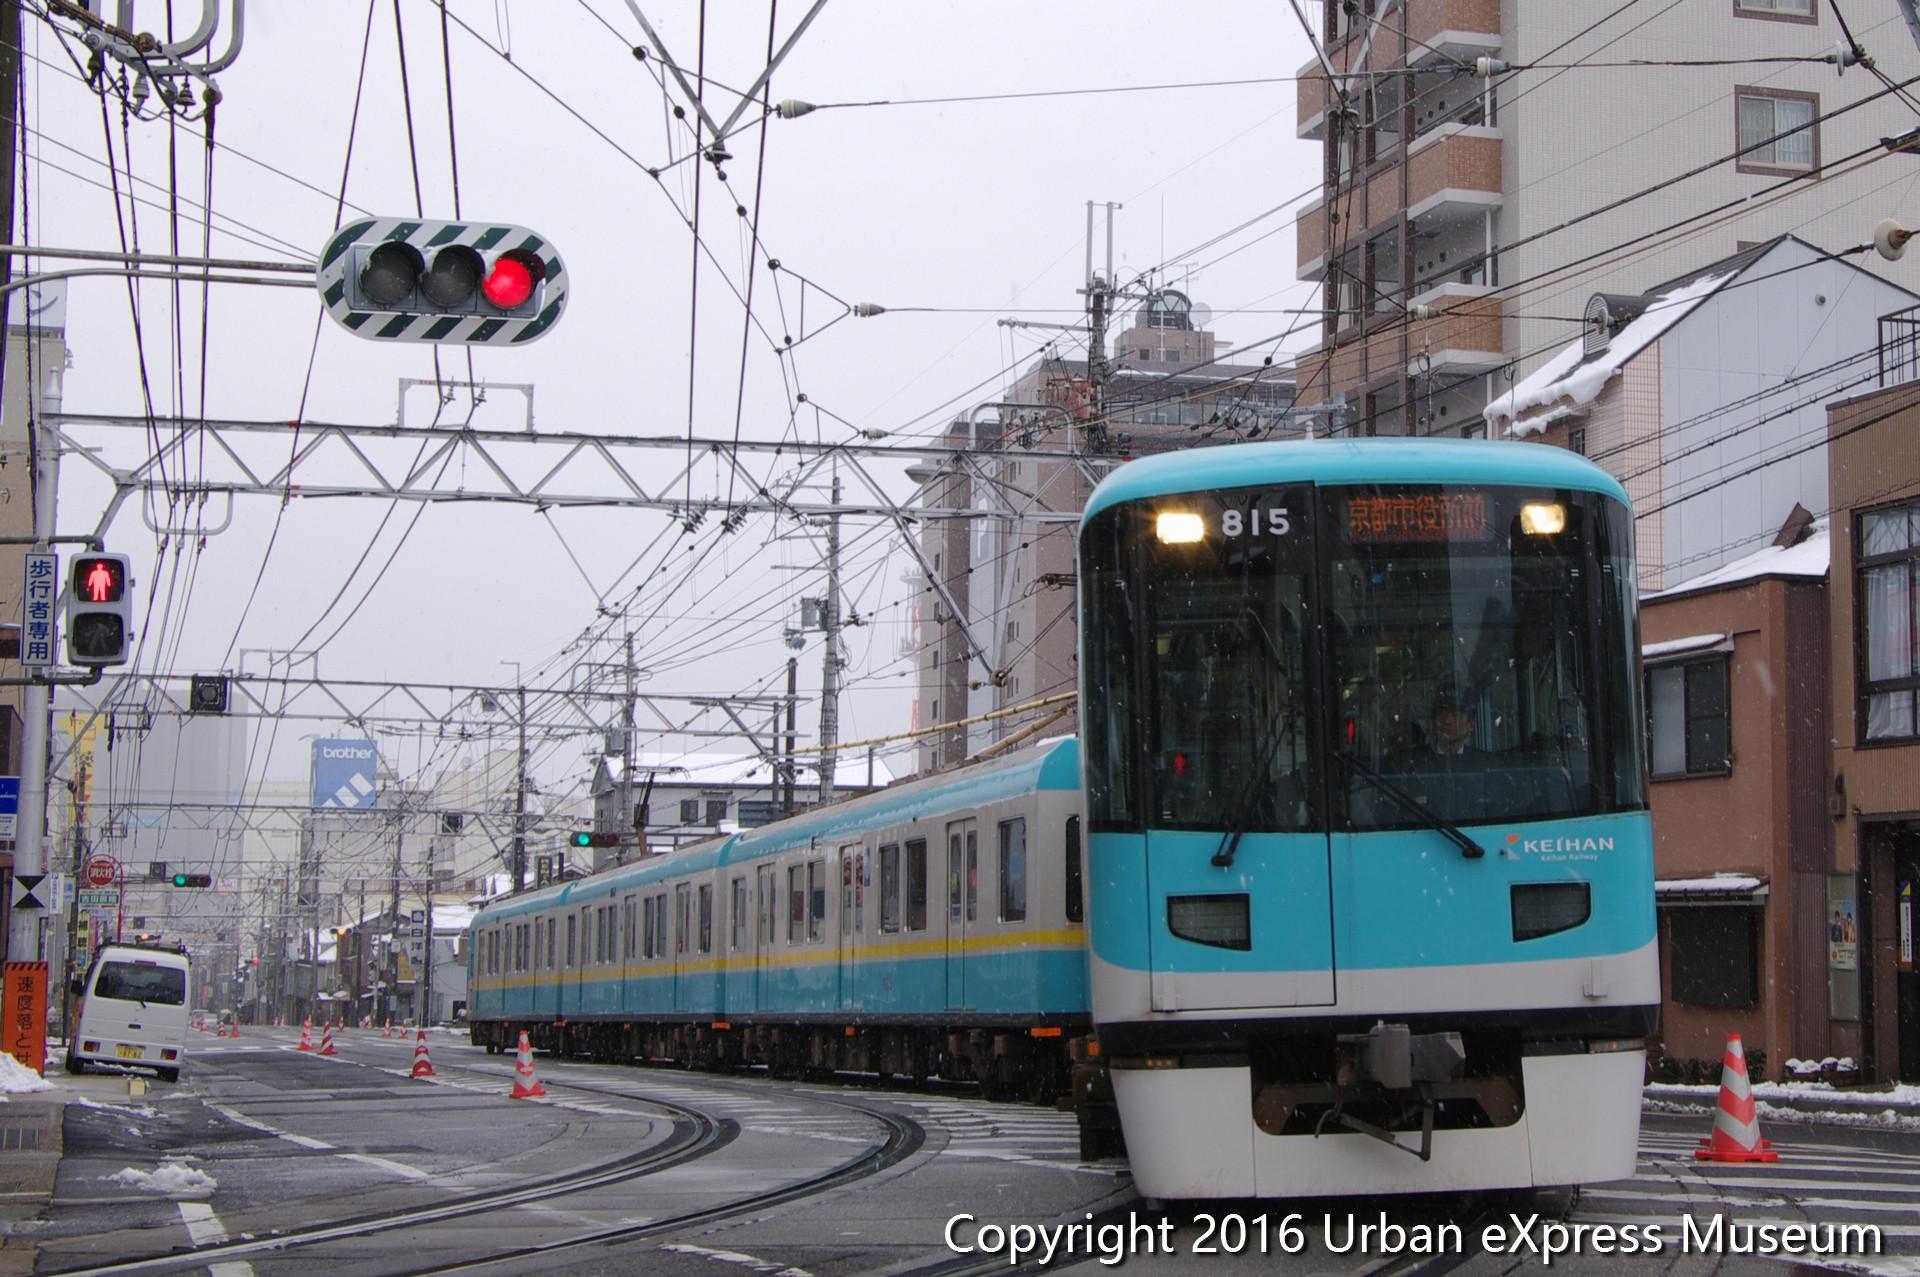 京阪800系 - 舞い散る雪と併用軌道 - Urban eXpress Museum